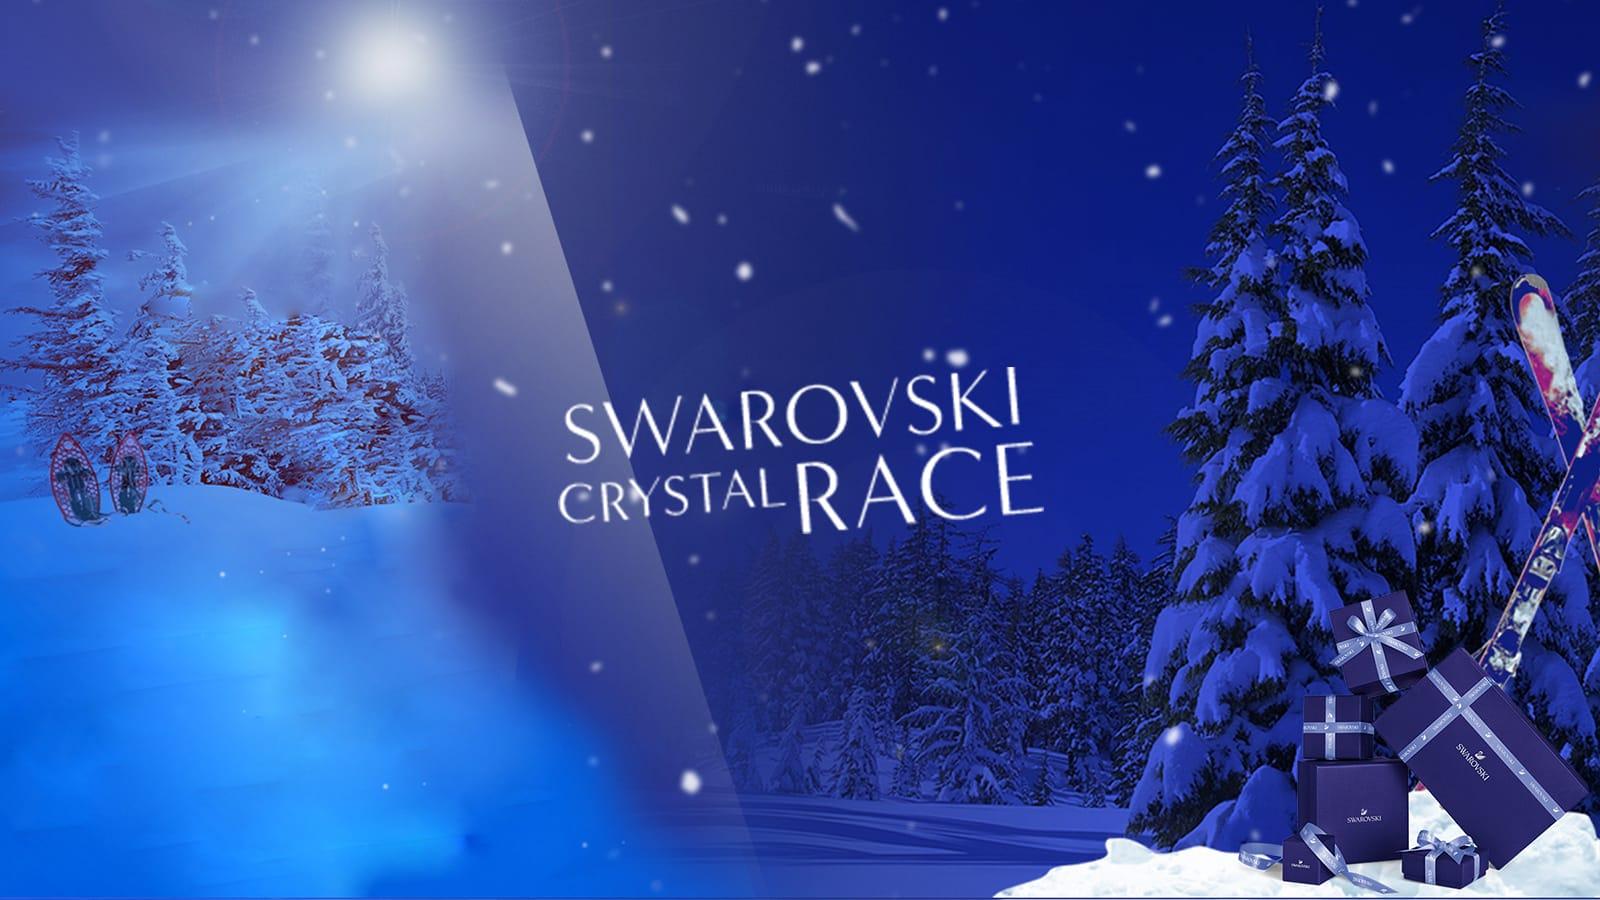 SWAROVSKI visuel portfolio OPS - Cas Svarowski